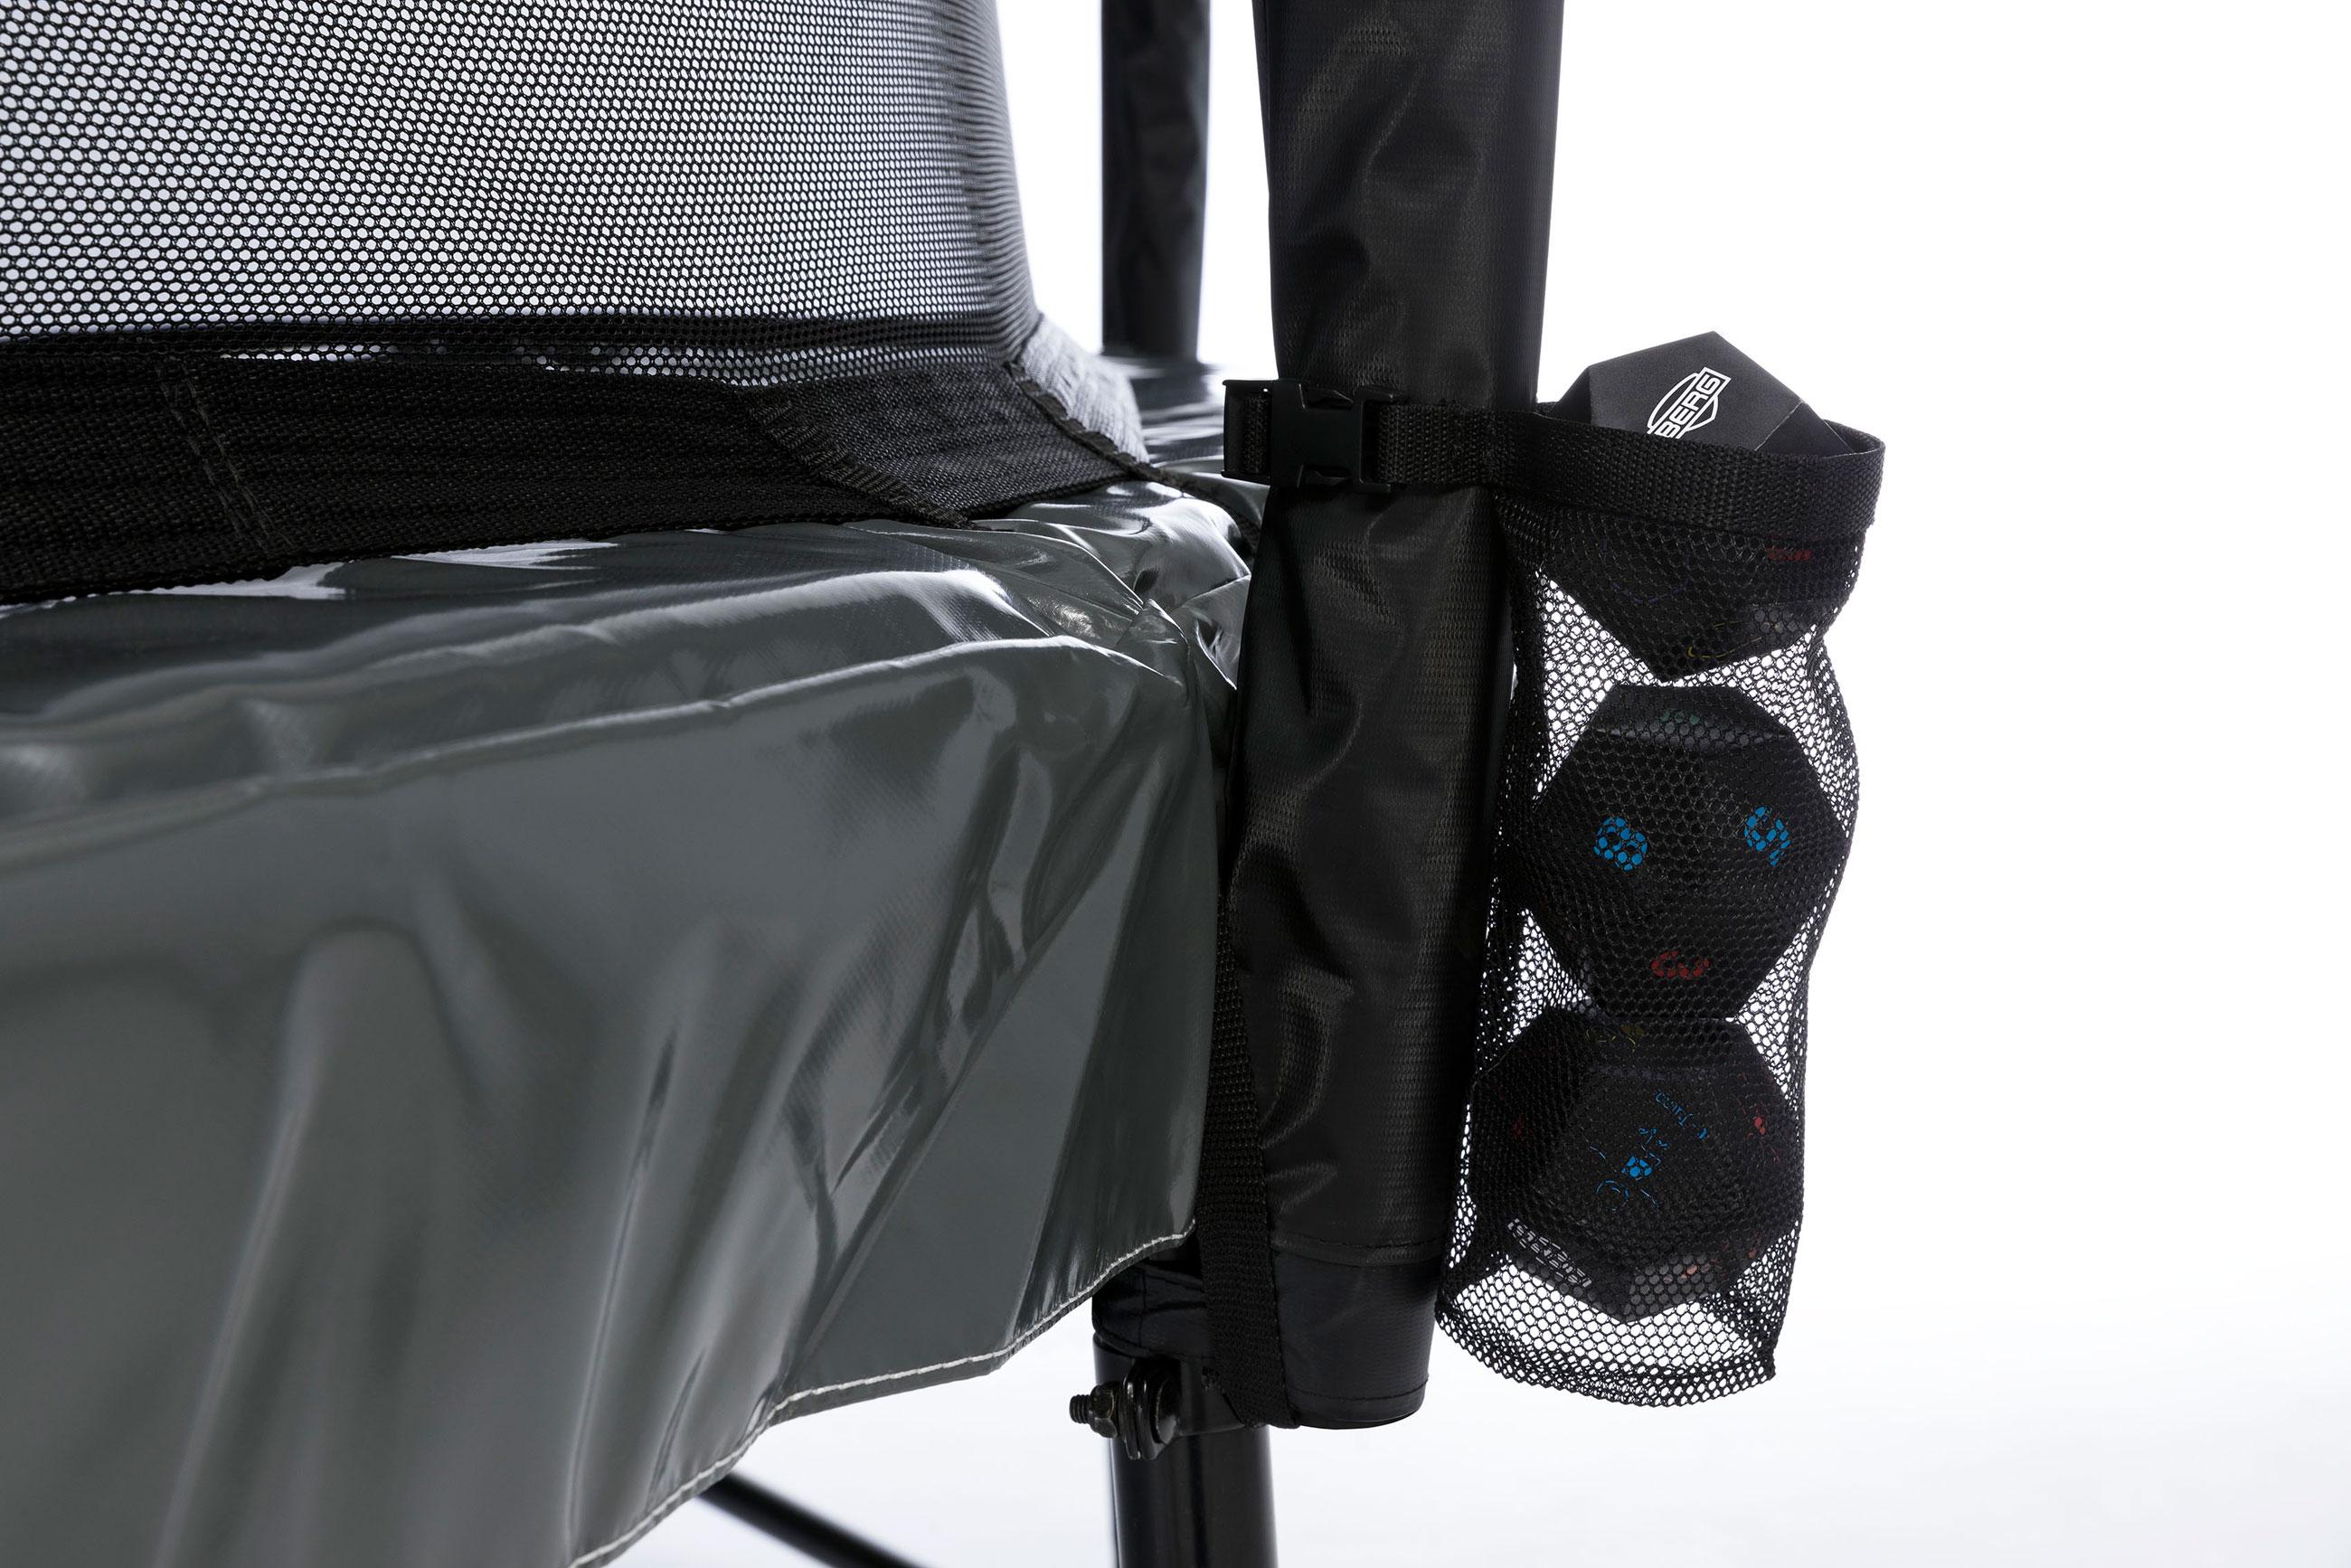 Trampolin Favorit Levels grau Sicherheitsnetz Comfort Ø430cm BERG toys Bild 8